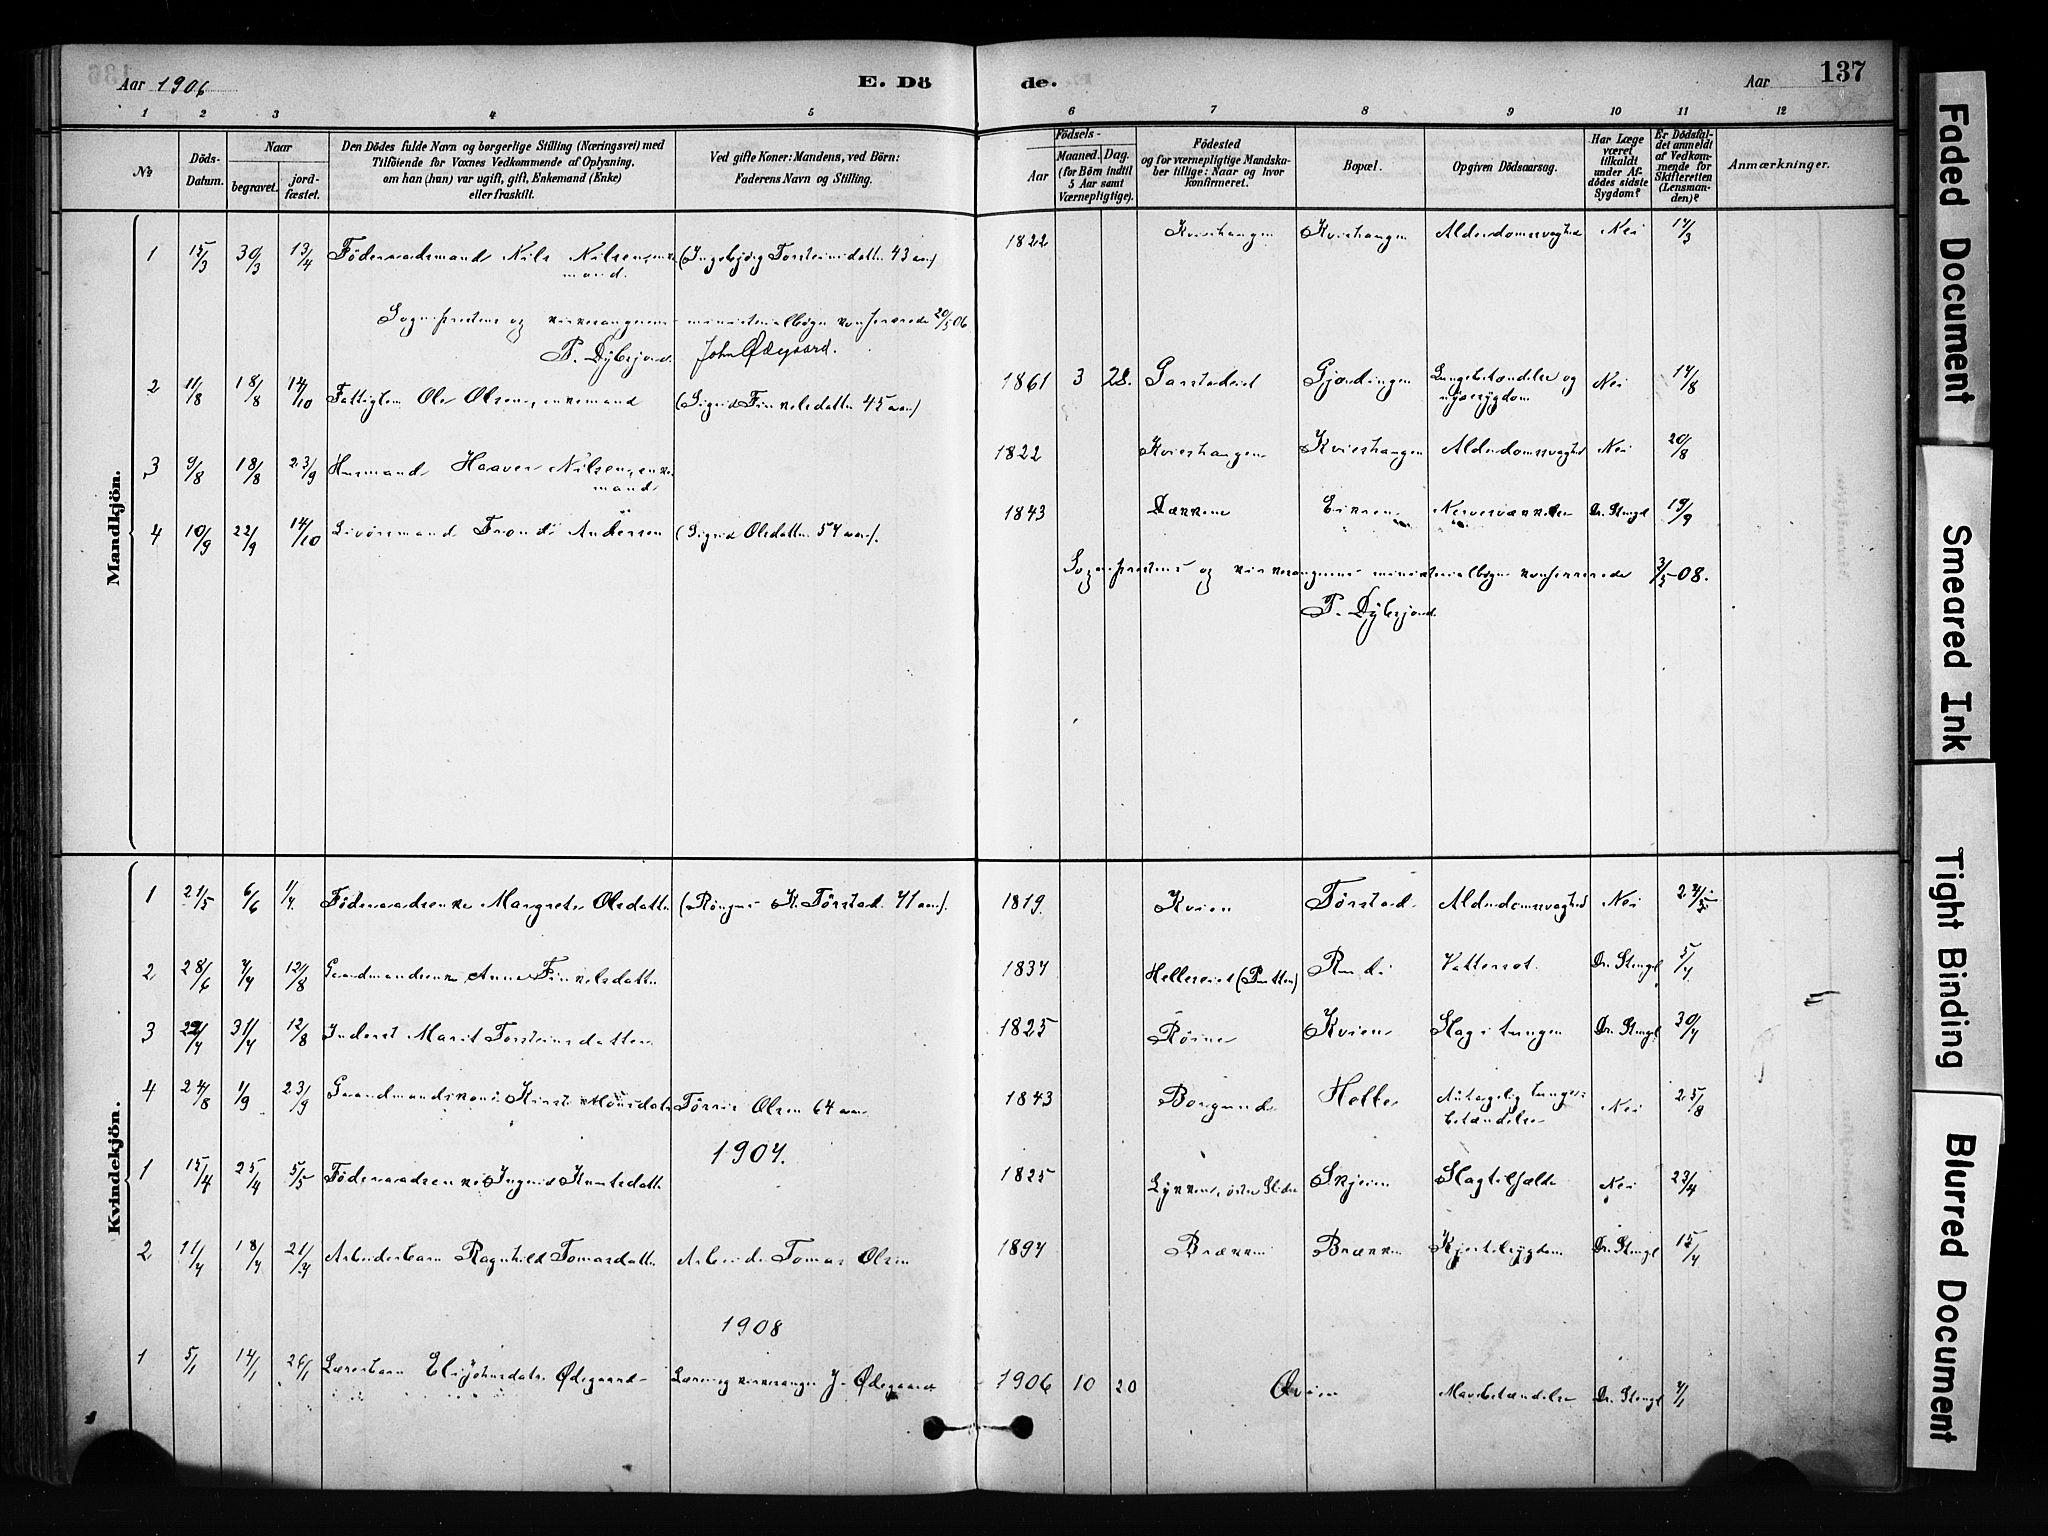 SAH, Vang prestekontor, Valdres, Ministerialbok nr. 9, 1882-1914, s. 137